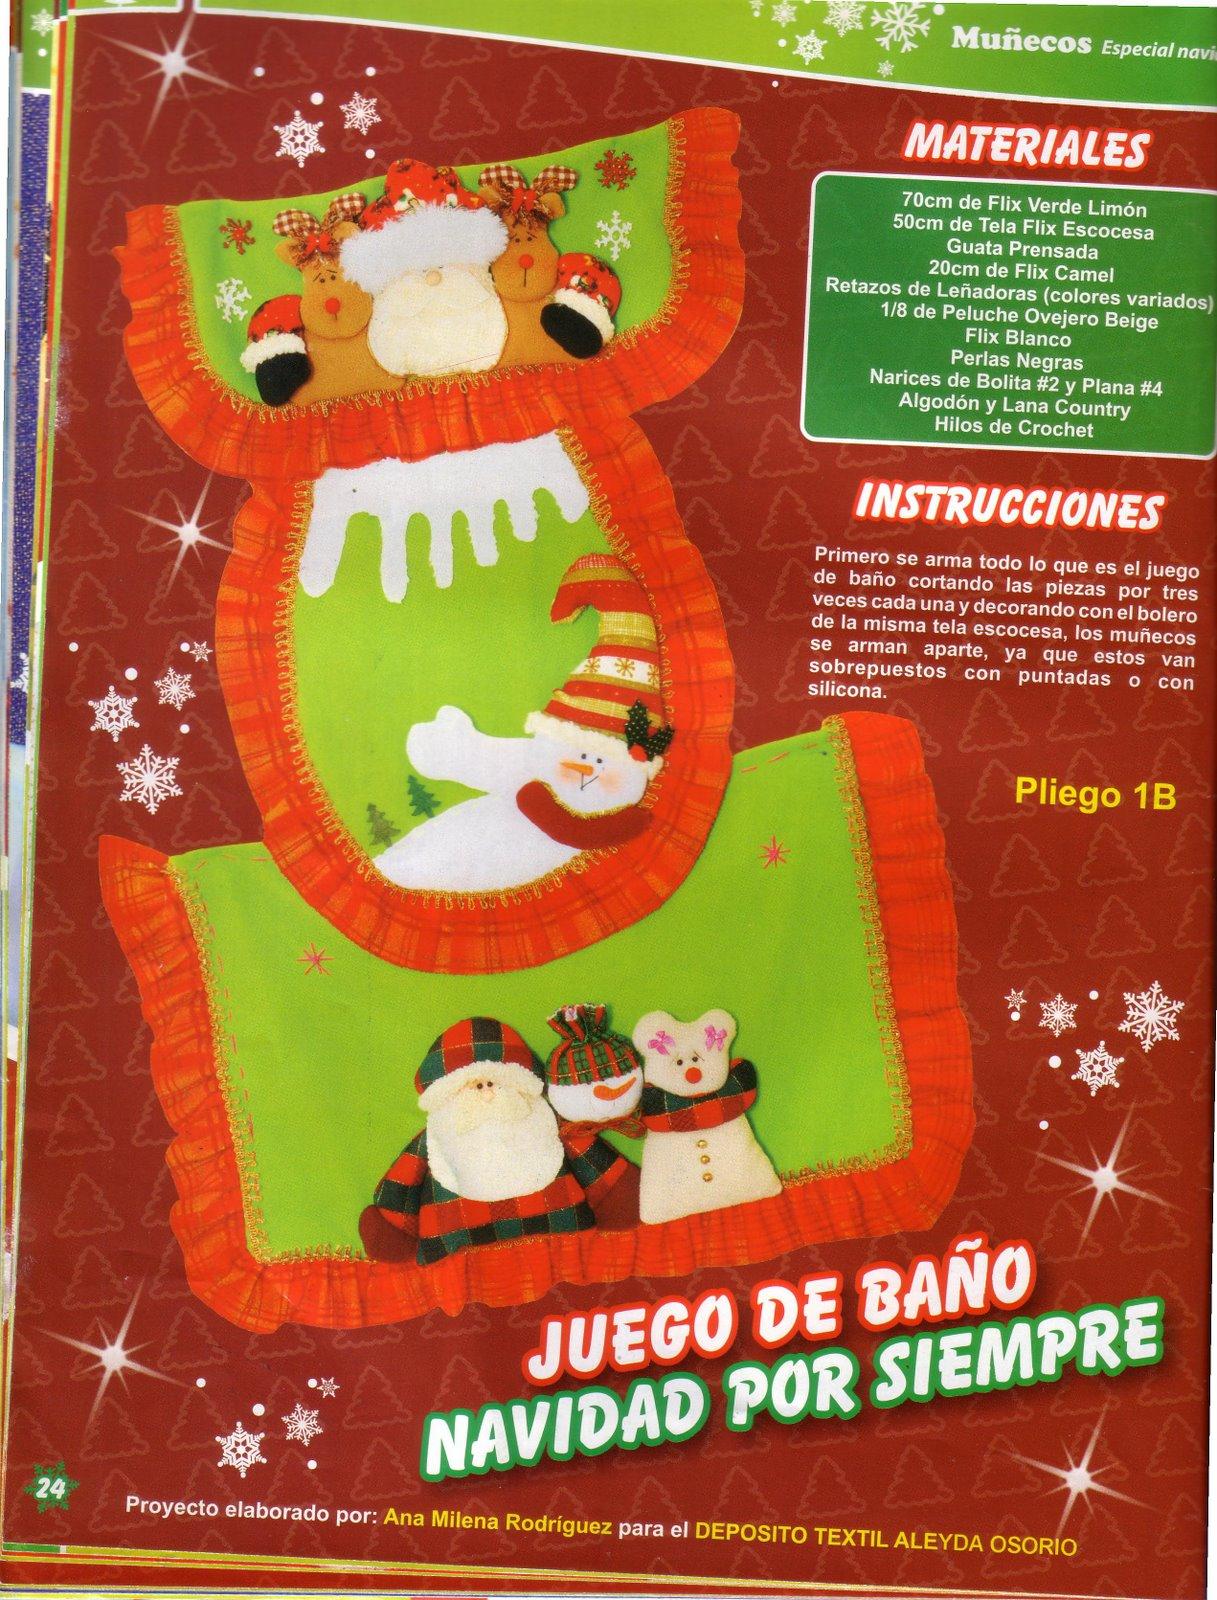 Quiero Aprender Hacer Juegos De Baño:Como hacer Manualidades para Navidad: Juego de baño para Navidad